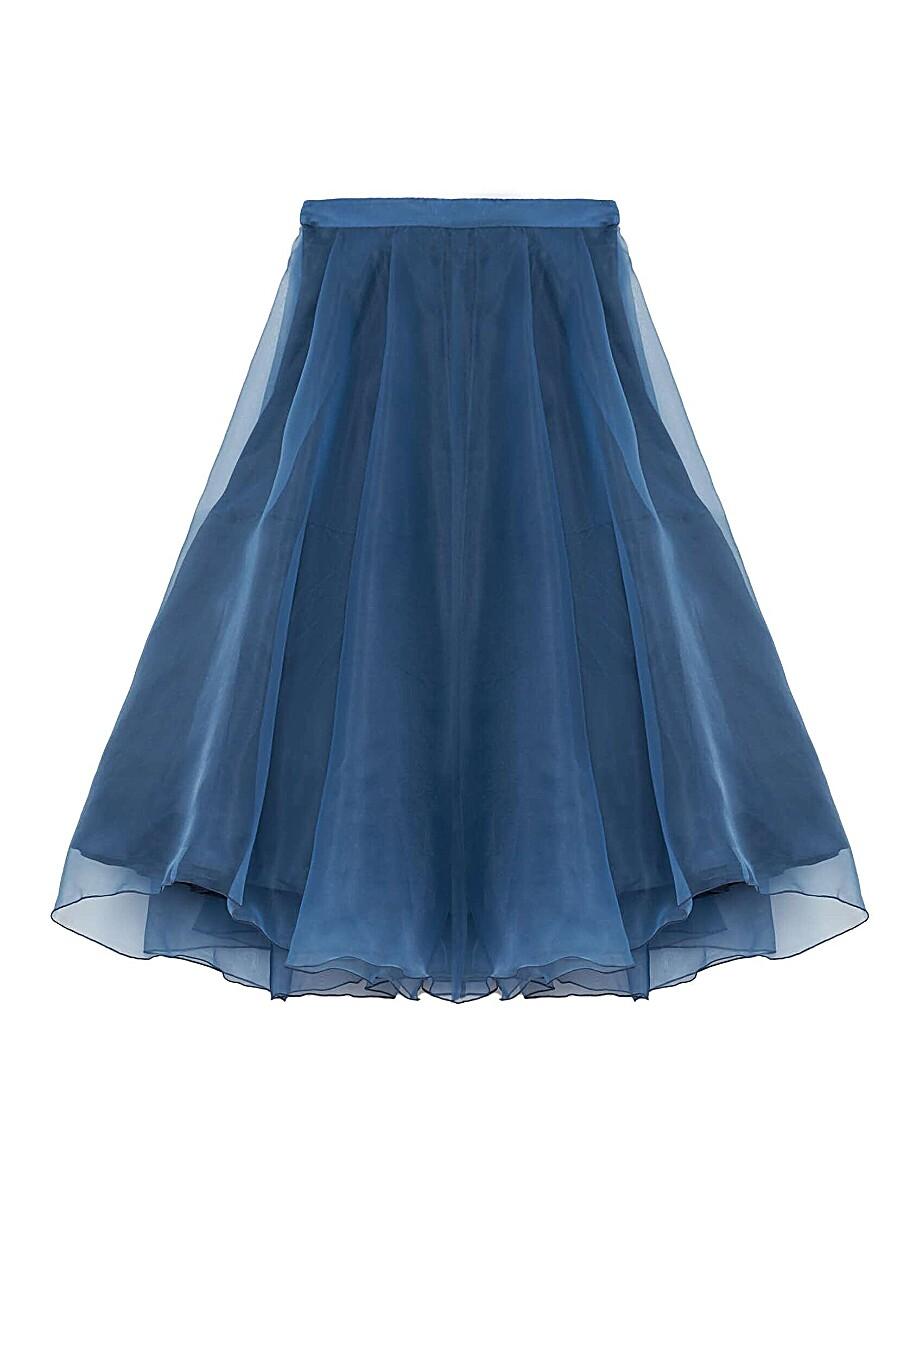 Юбка для женщин CALISTA 707302 купить оптом от производителя. Совместная покупка женской одежды в OptMoyo